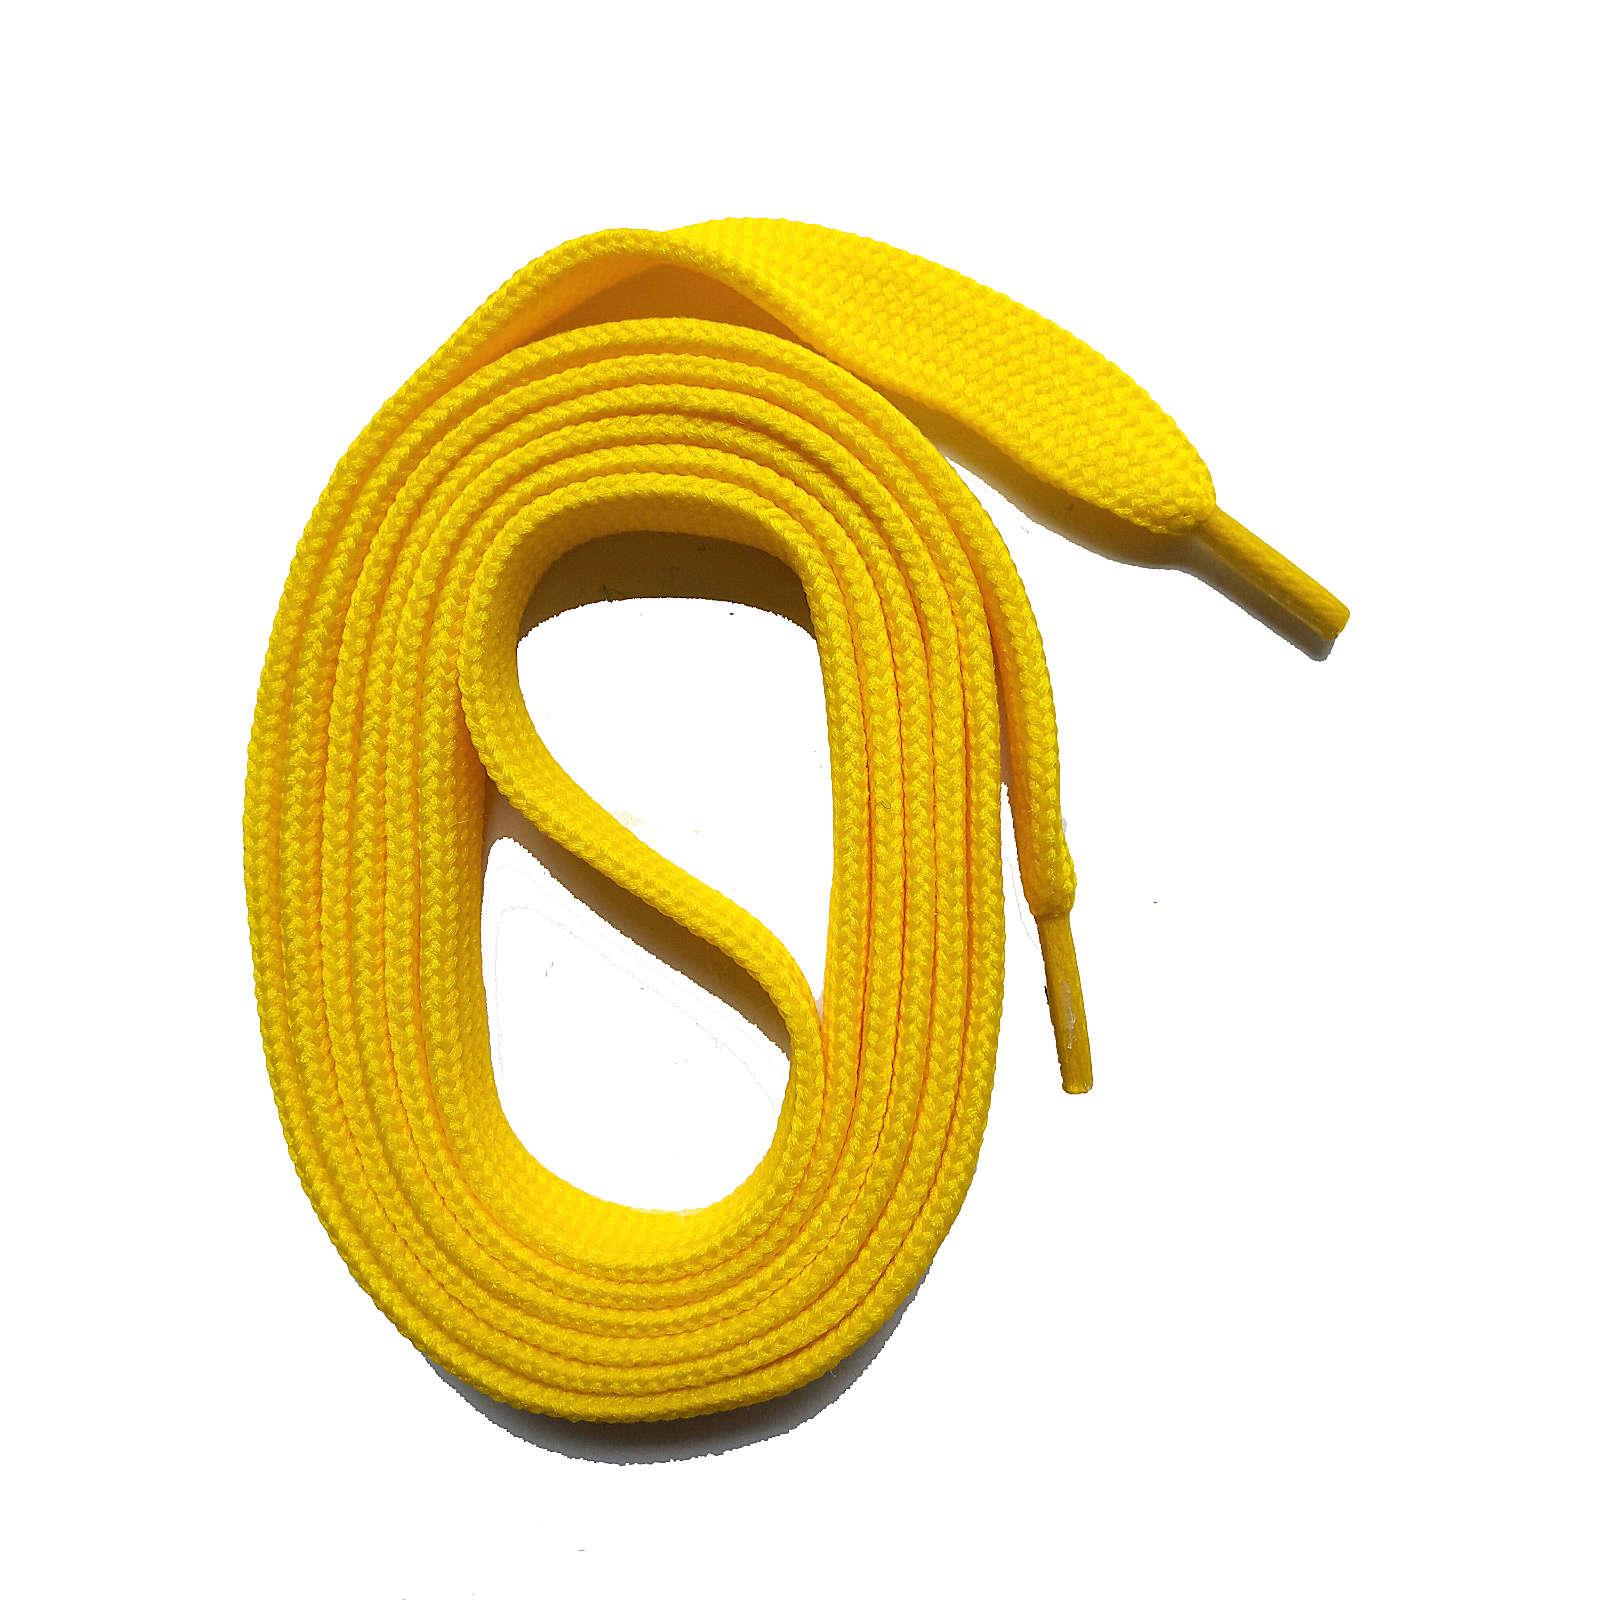 SNORS shoefriends SNORS Schnürsenkel flach 100-145cm, 11mm aus Polyester Schnürsenkel gelb Gr. 100